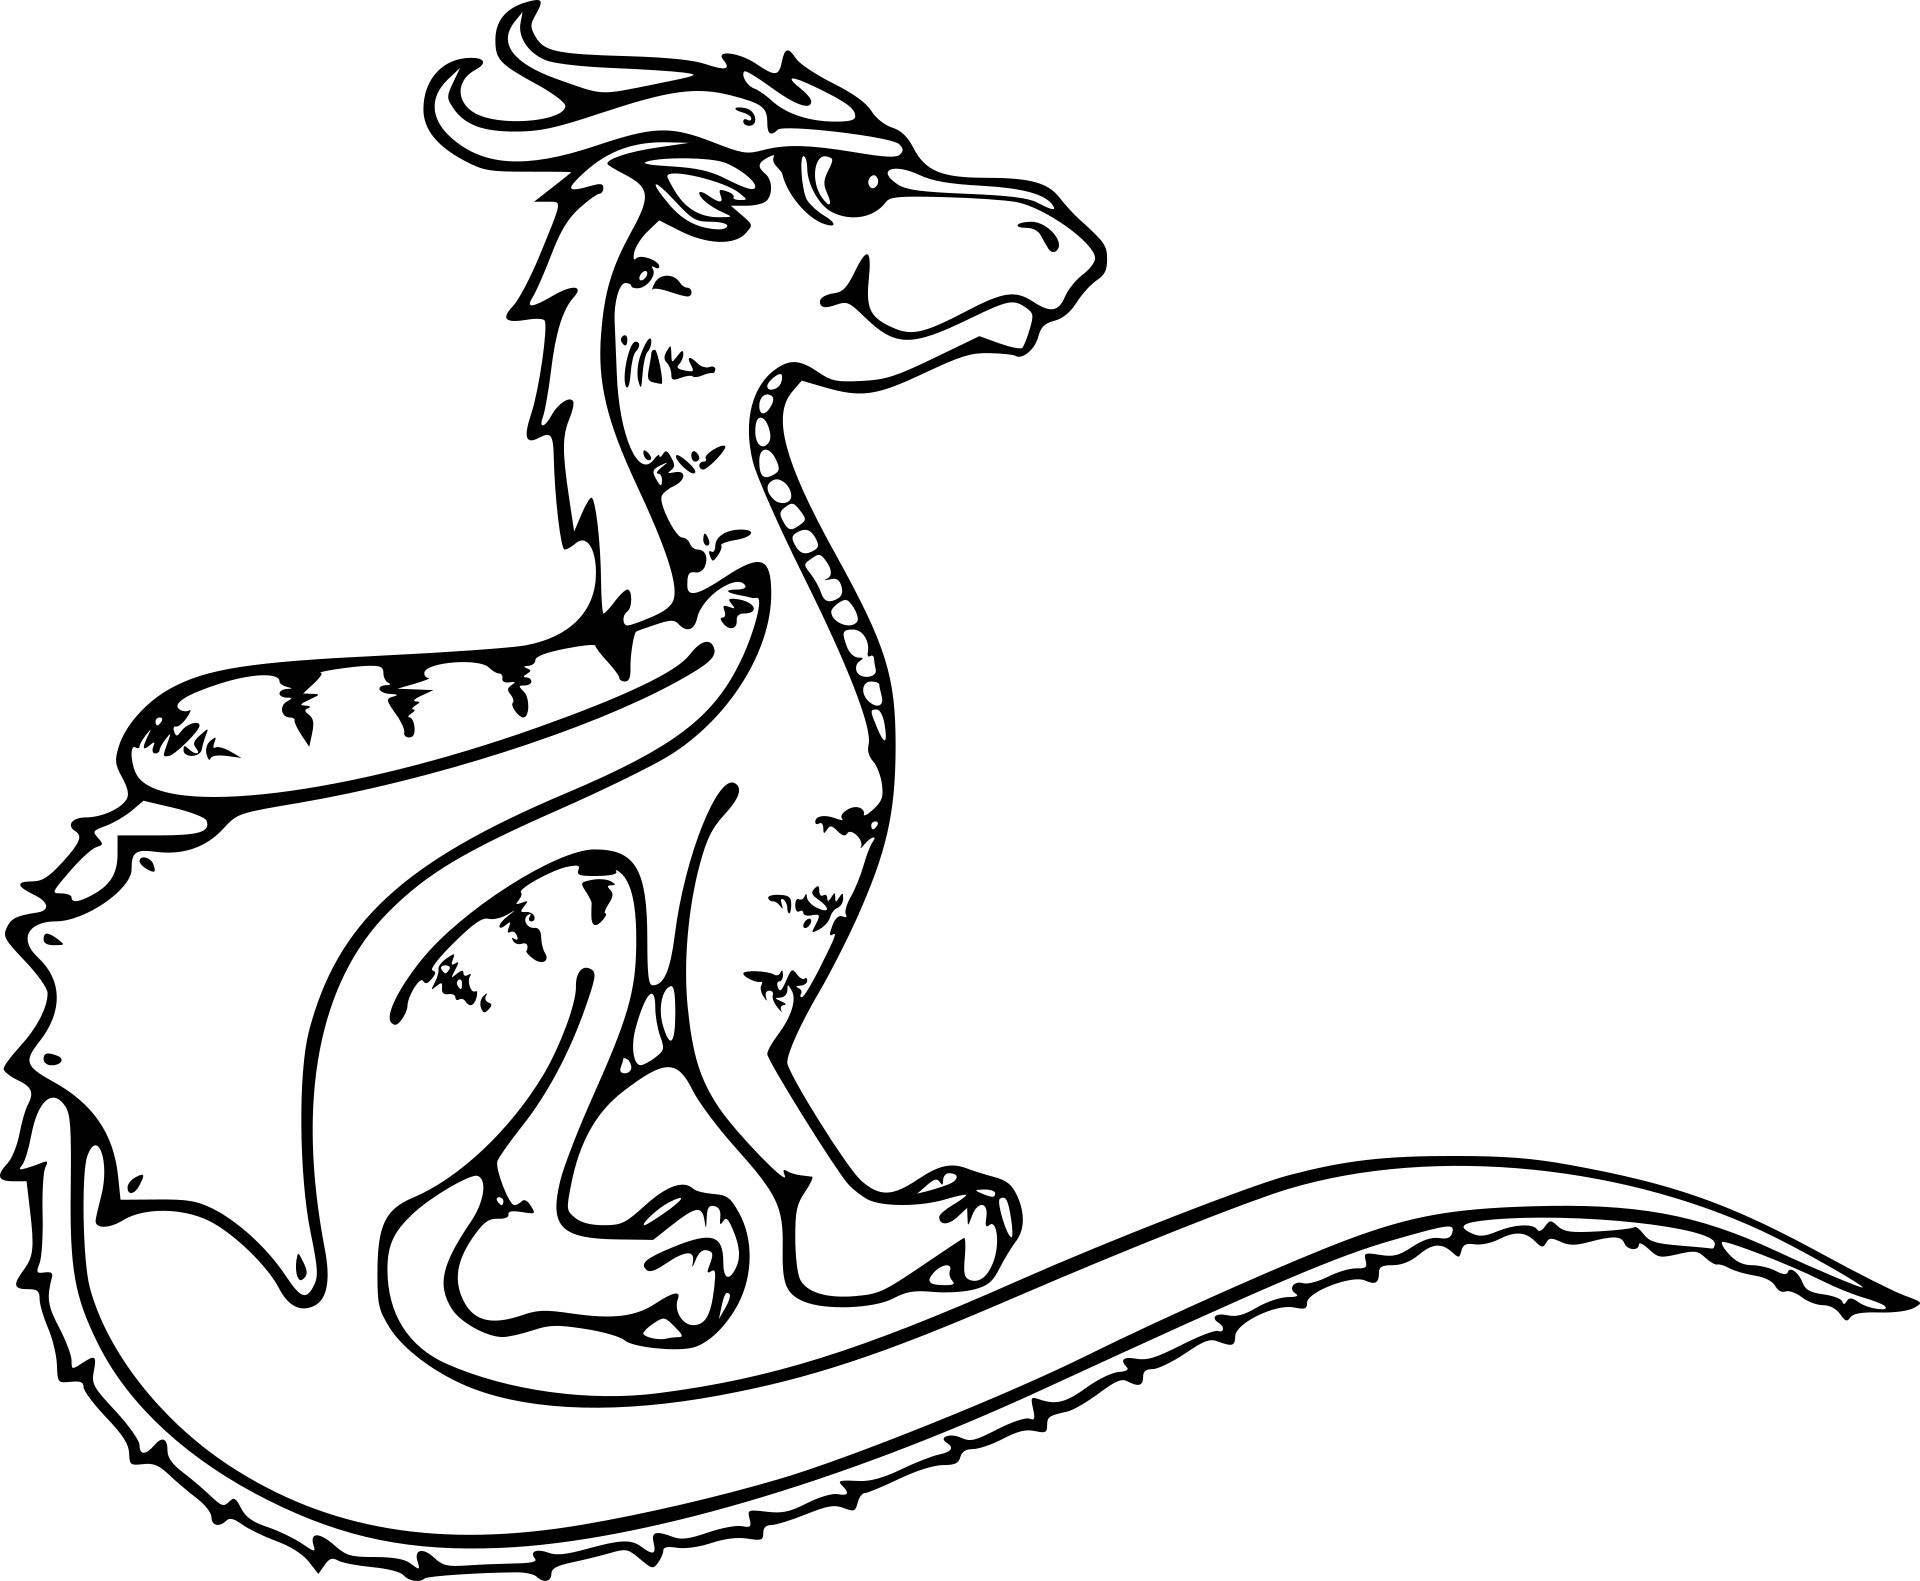 Coloriage Dragon Manga À Imprimer Sur Coloriages destiné Coloriage Dragon